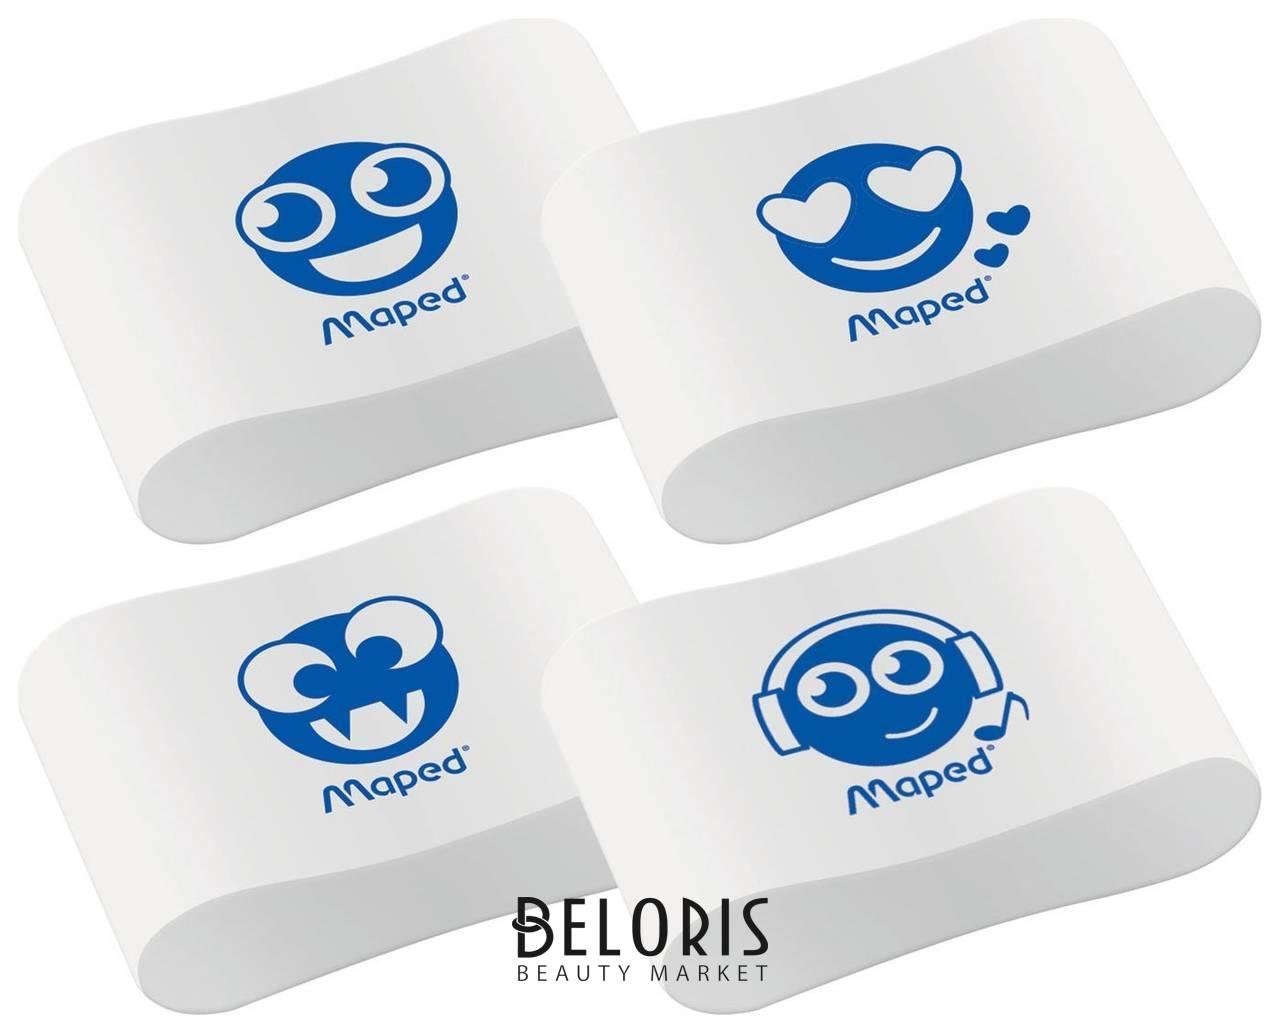 Ластик Maped Essentials Soft 13, 33,5х21,5х9,9 мм, белый, ассорти, эргономичный, синтетический каучук Maped